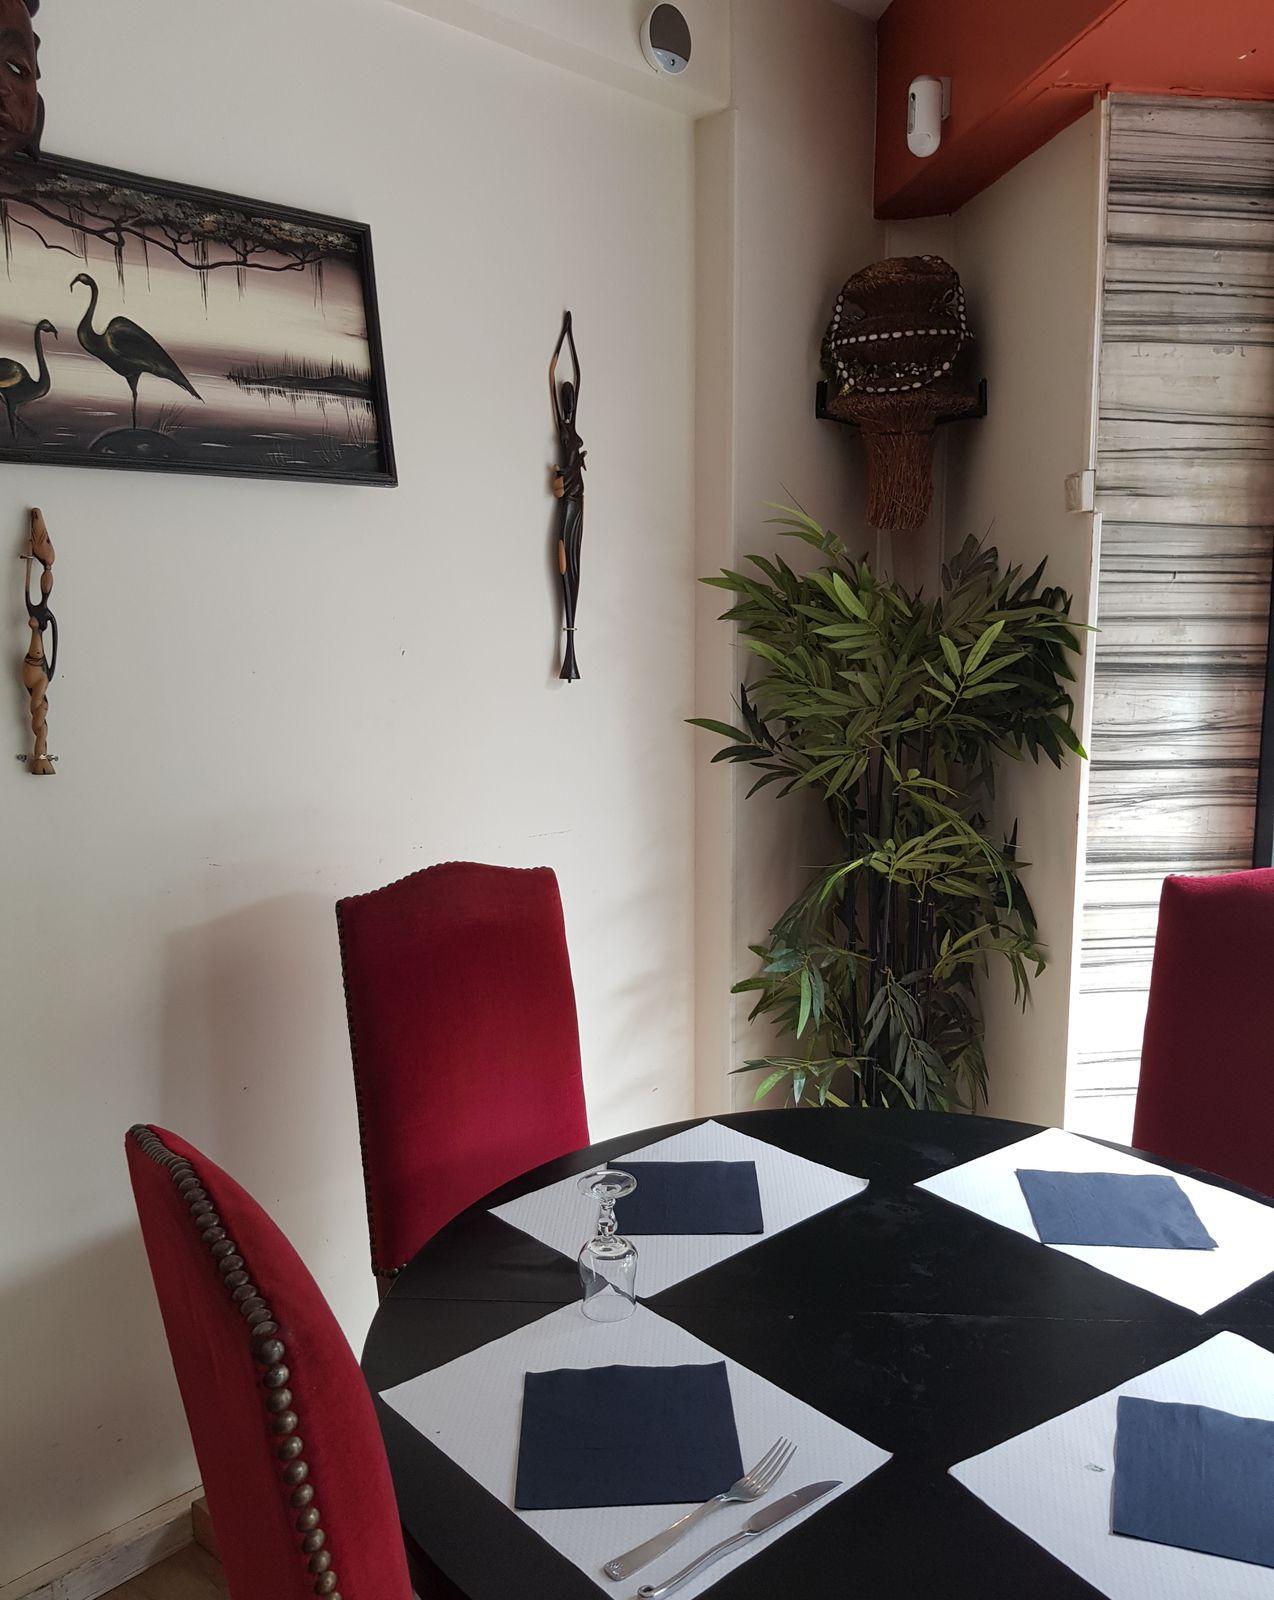 «Le restaurant malien «Yan Kady chez Fatou» à Montreuil - Libération de Soumaila CISSE et les engagements pour une gouvernance vertueuse au Mali» par Amadou Bal BA - http://baamadou.over-blog.fr/